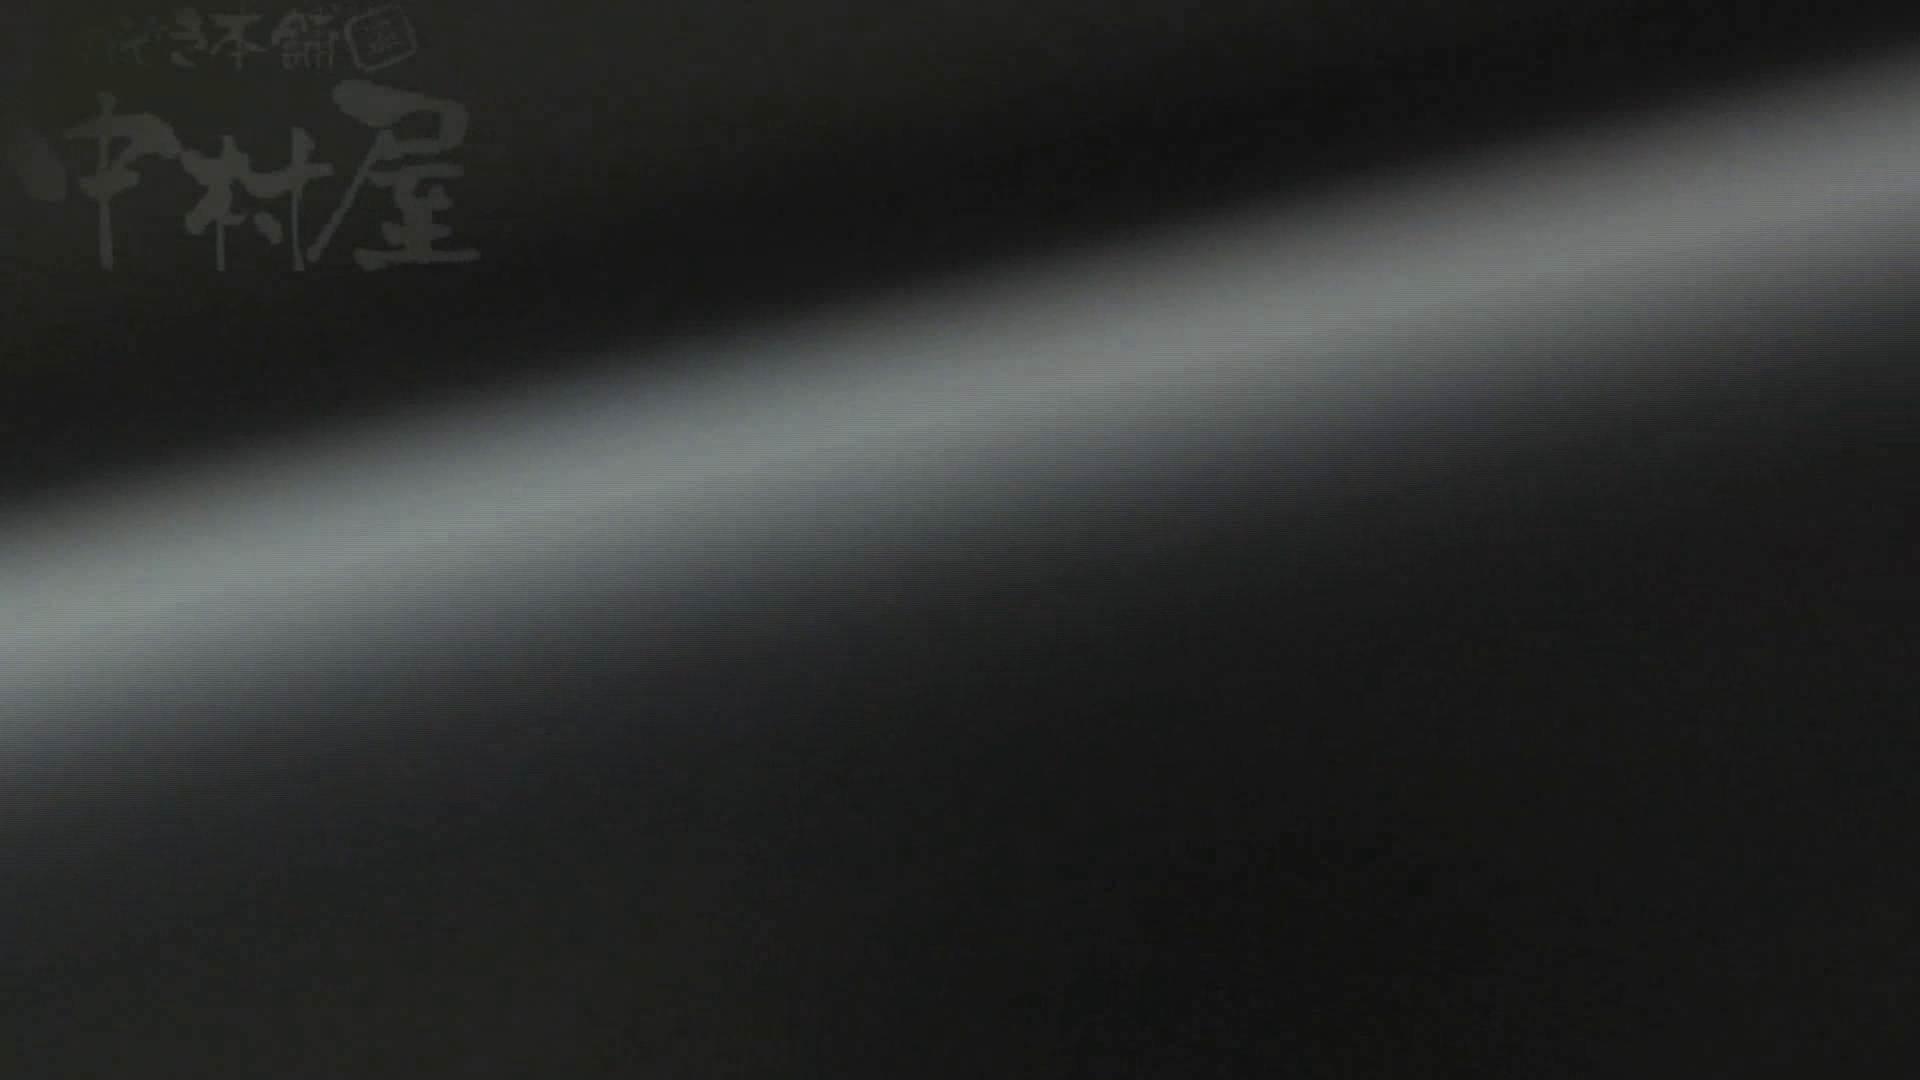 美しい日本の未来 No.29 豹柄サンダルはイ更●気味??? オマンコギャル おまんこ無修正動画無料 111連発 4